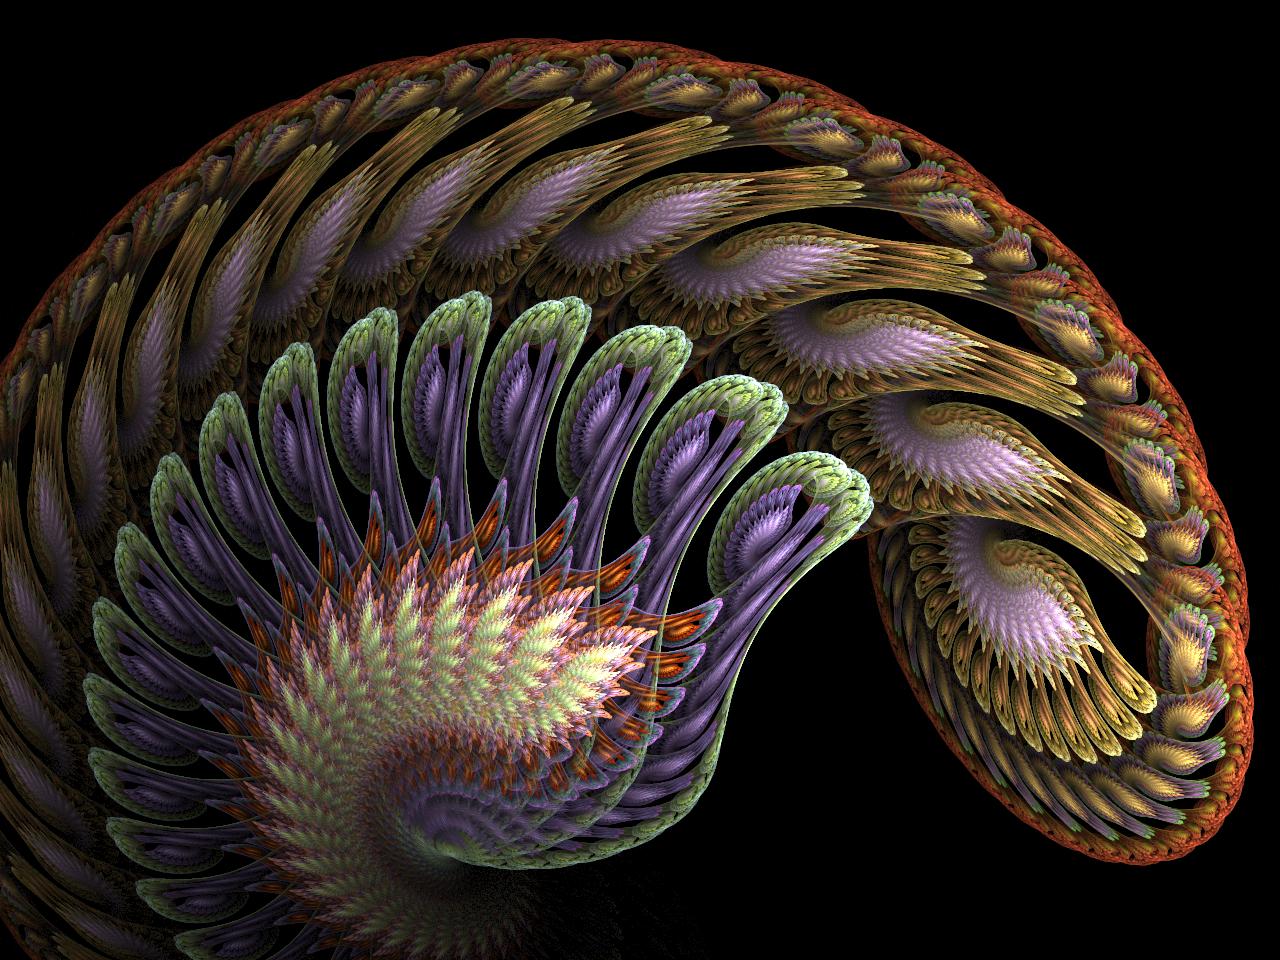 Baroque Spiral by ClaireJones